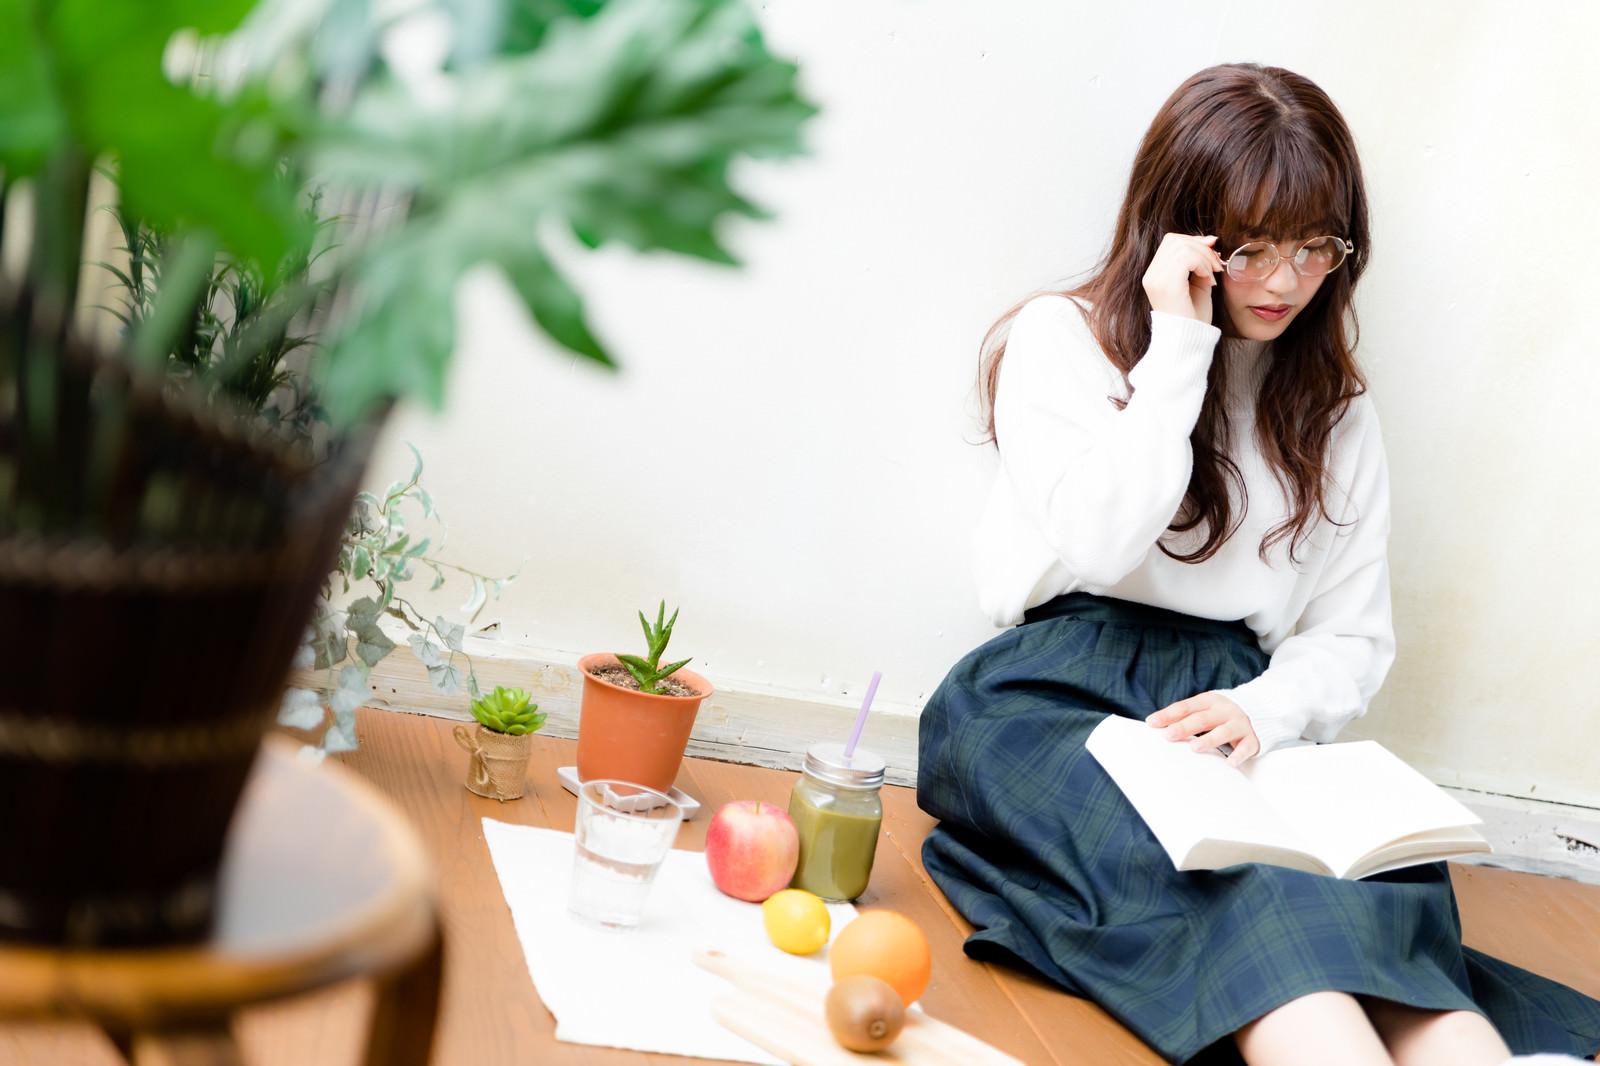 「眼鏡をかけて読書をする文系女子眼鏡をかけて読書をする文系女子」[モデル:河村友歌]のフリー写真素材を拡大